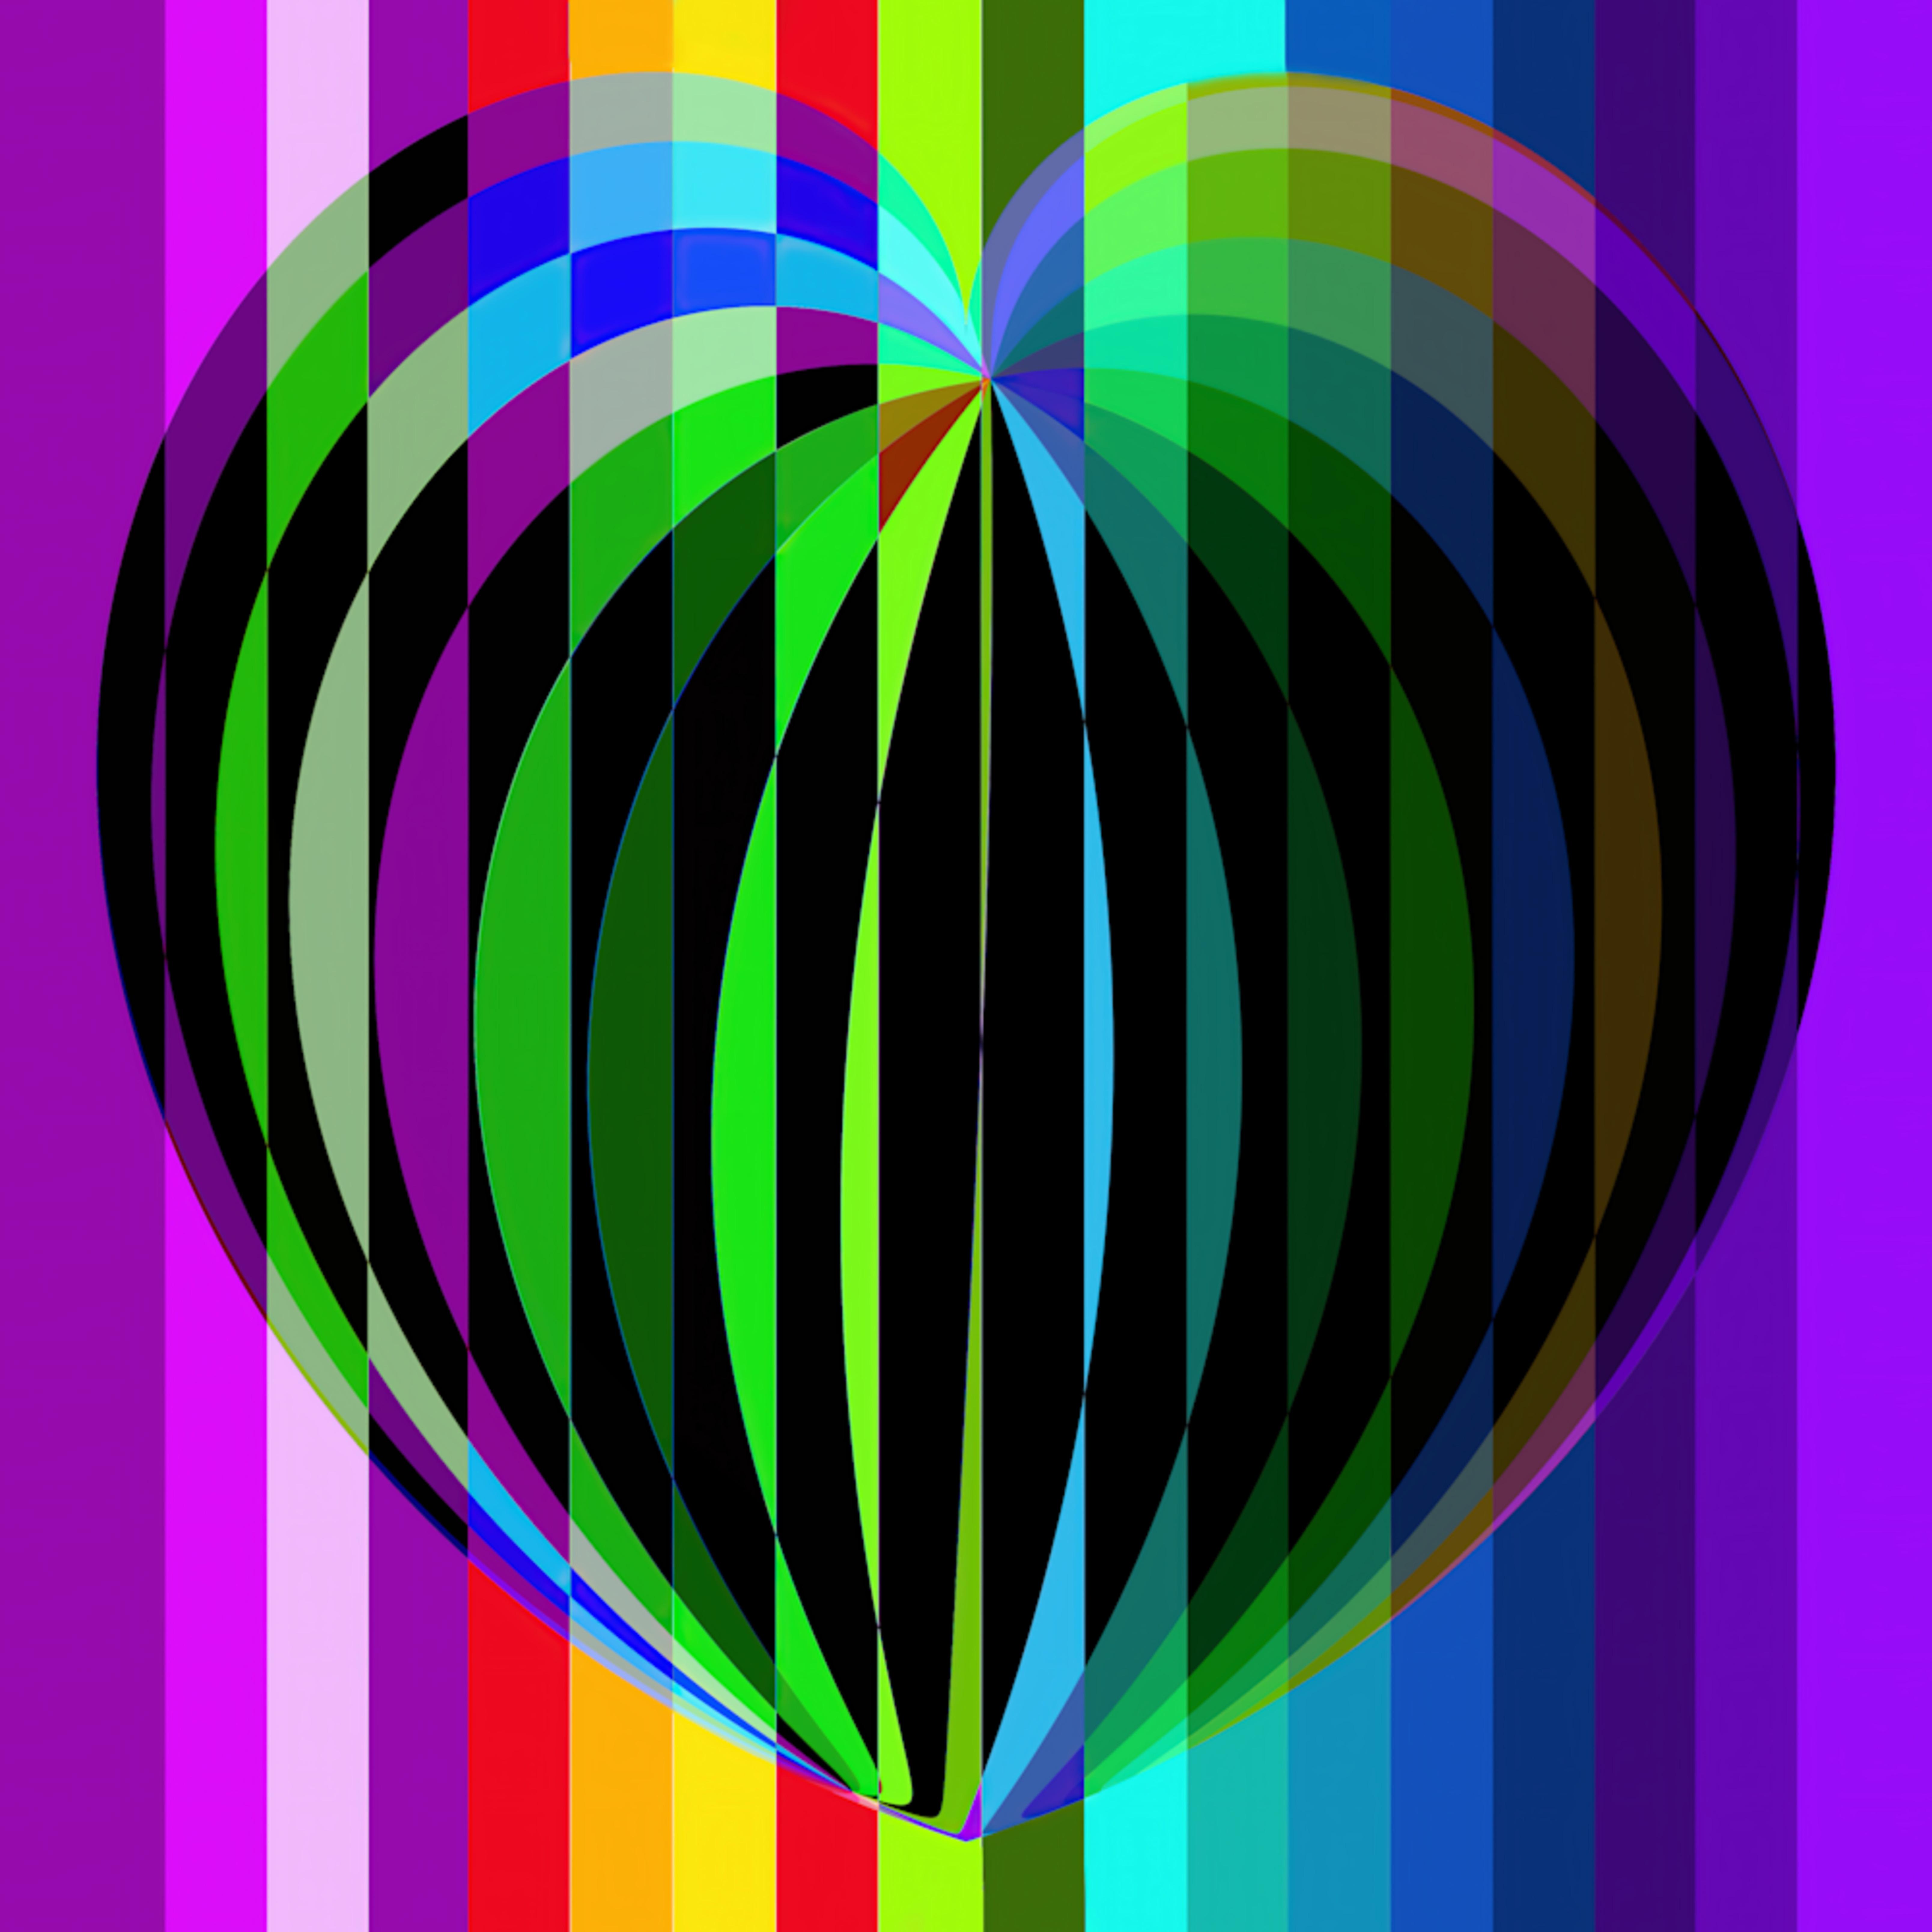 Prismatic heart plftuq